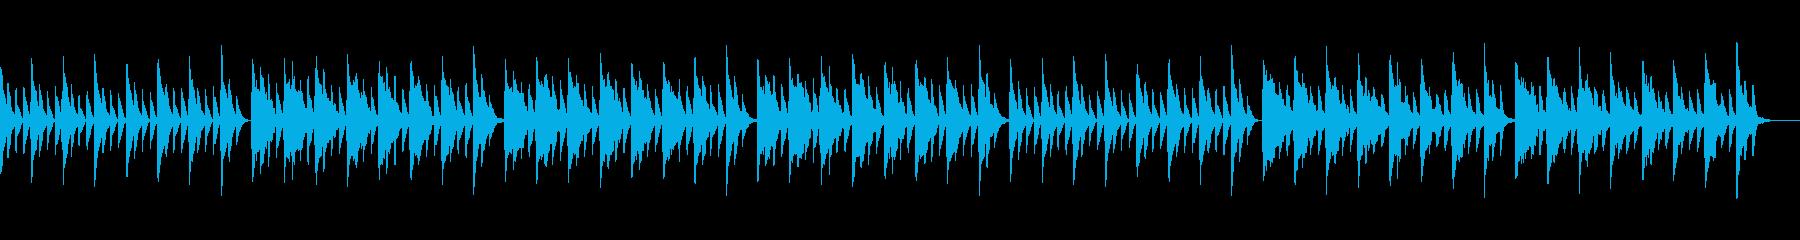 優しく包み込むような音色の再生済みの波形